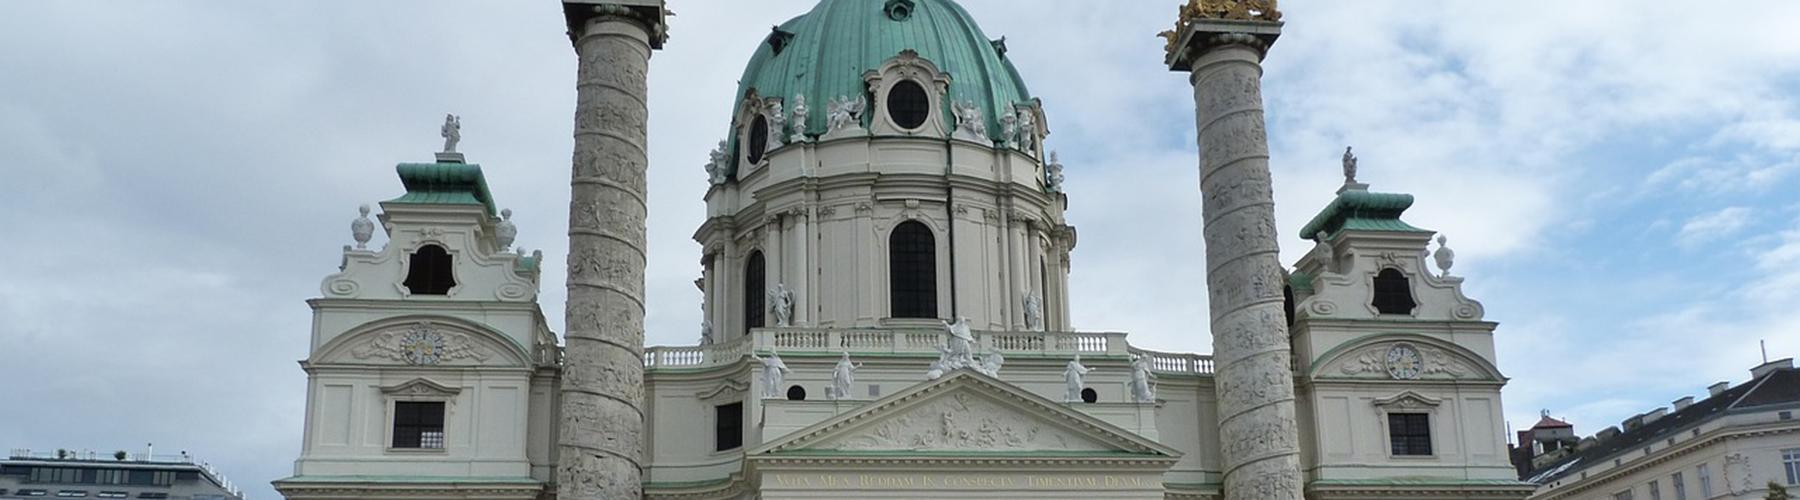 Wien – Hostels in der Nähe von Karlsplatz mit Karlskirche. Wien auf der Karte. Fotos und Bewertungen für jedes Hostel in Wien.